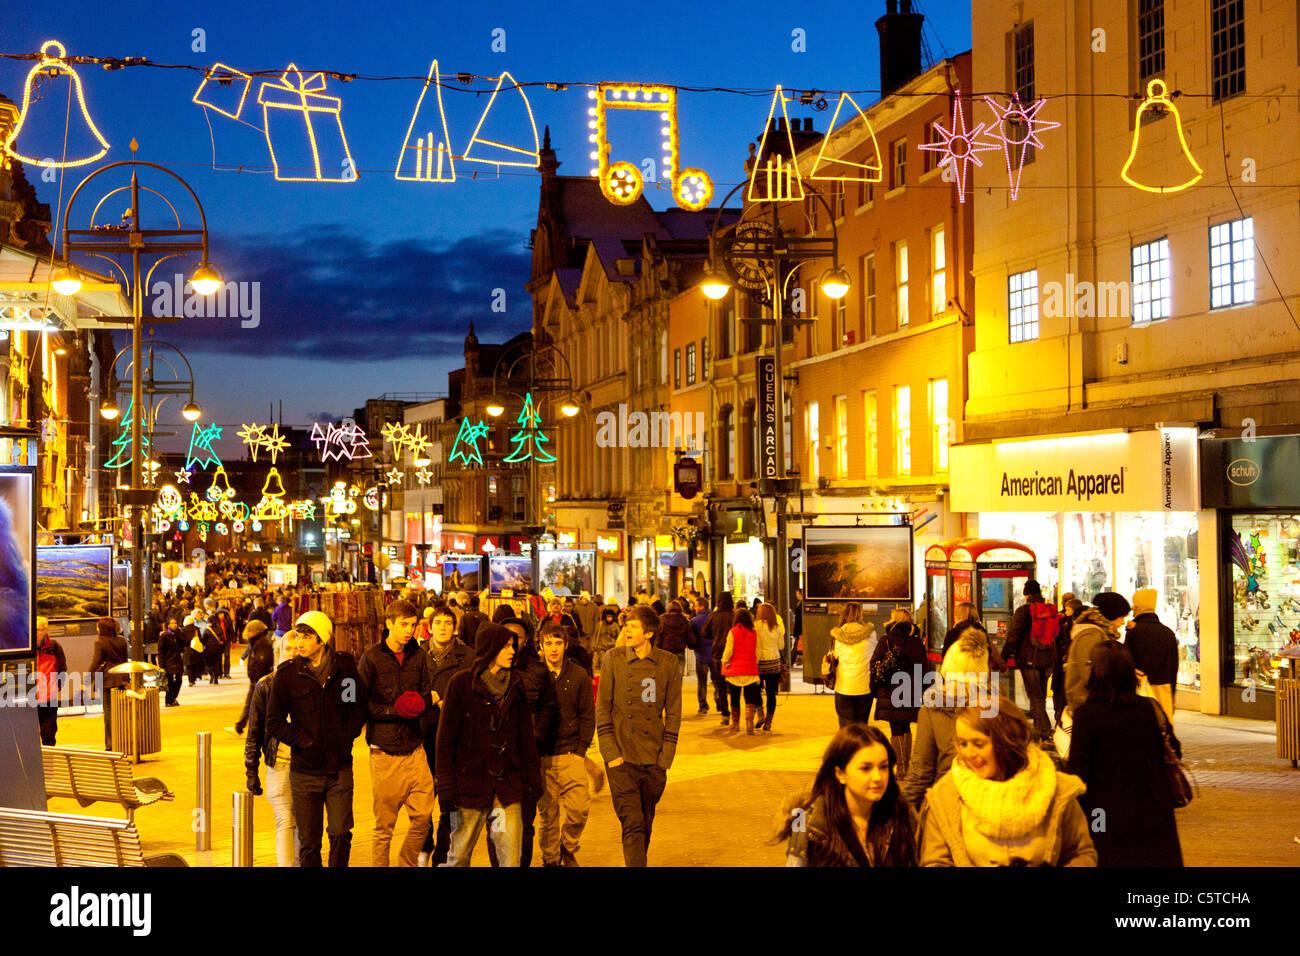 Christmas shopping on Briggate Leeds UK at dusk - Stock Image